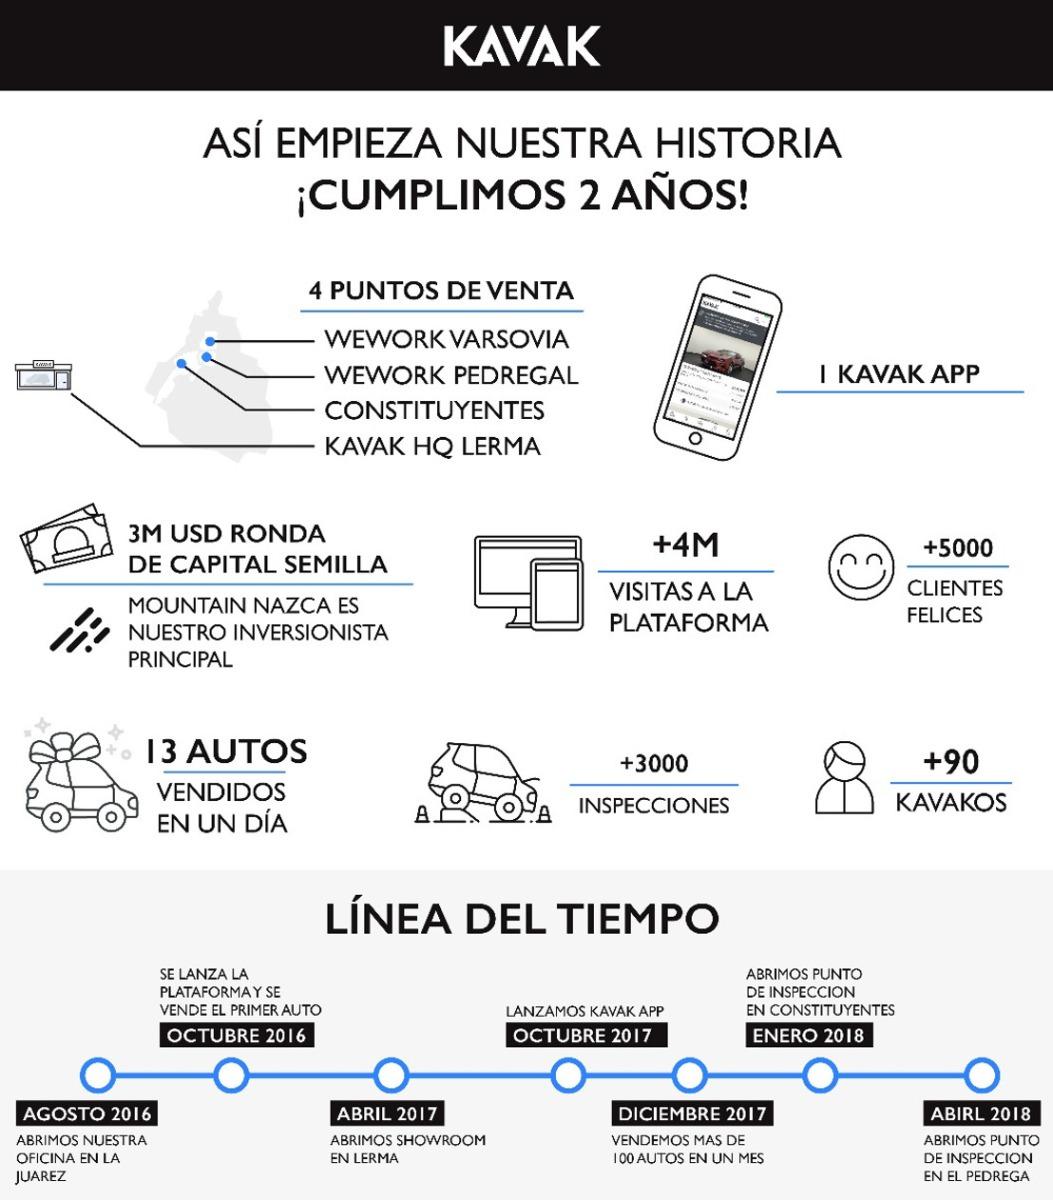 La Startup Mexicana que Rompió Record en Capital Semilla, Celebra su Segundo Aniversario de Operaciones